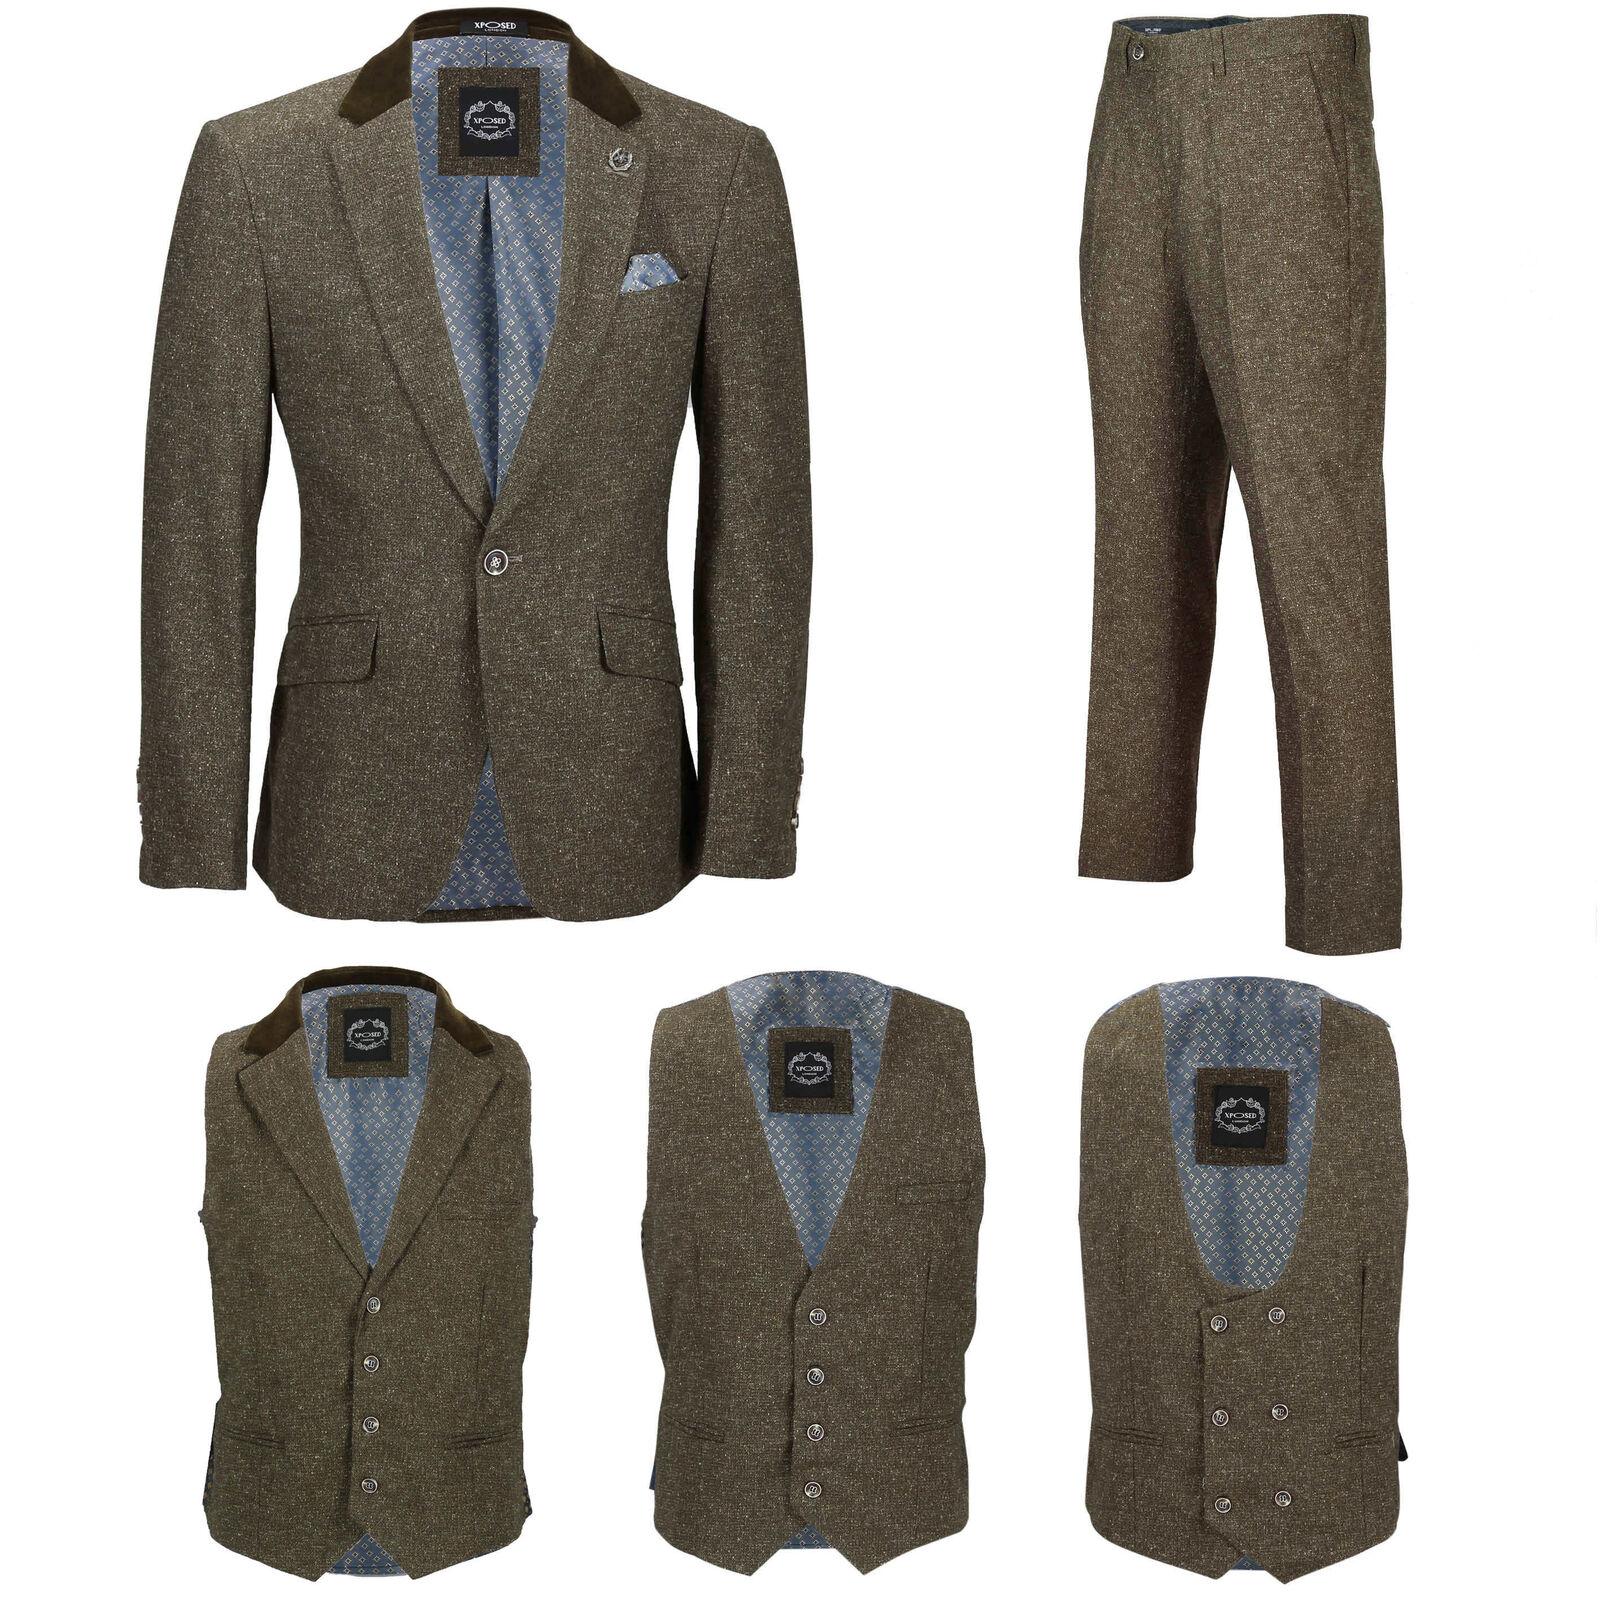 Herren Tan Tweed Wool 3 Piece Suit Sold Separately Retro Blazer Waistcoat Trouser